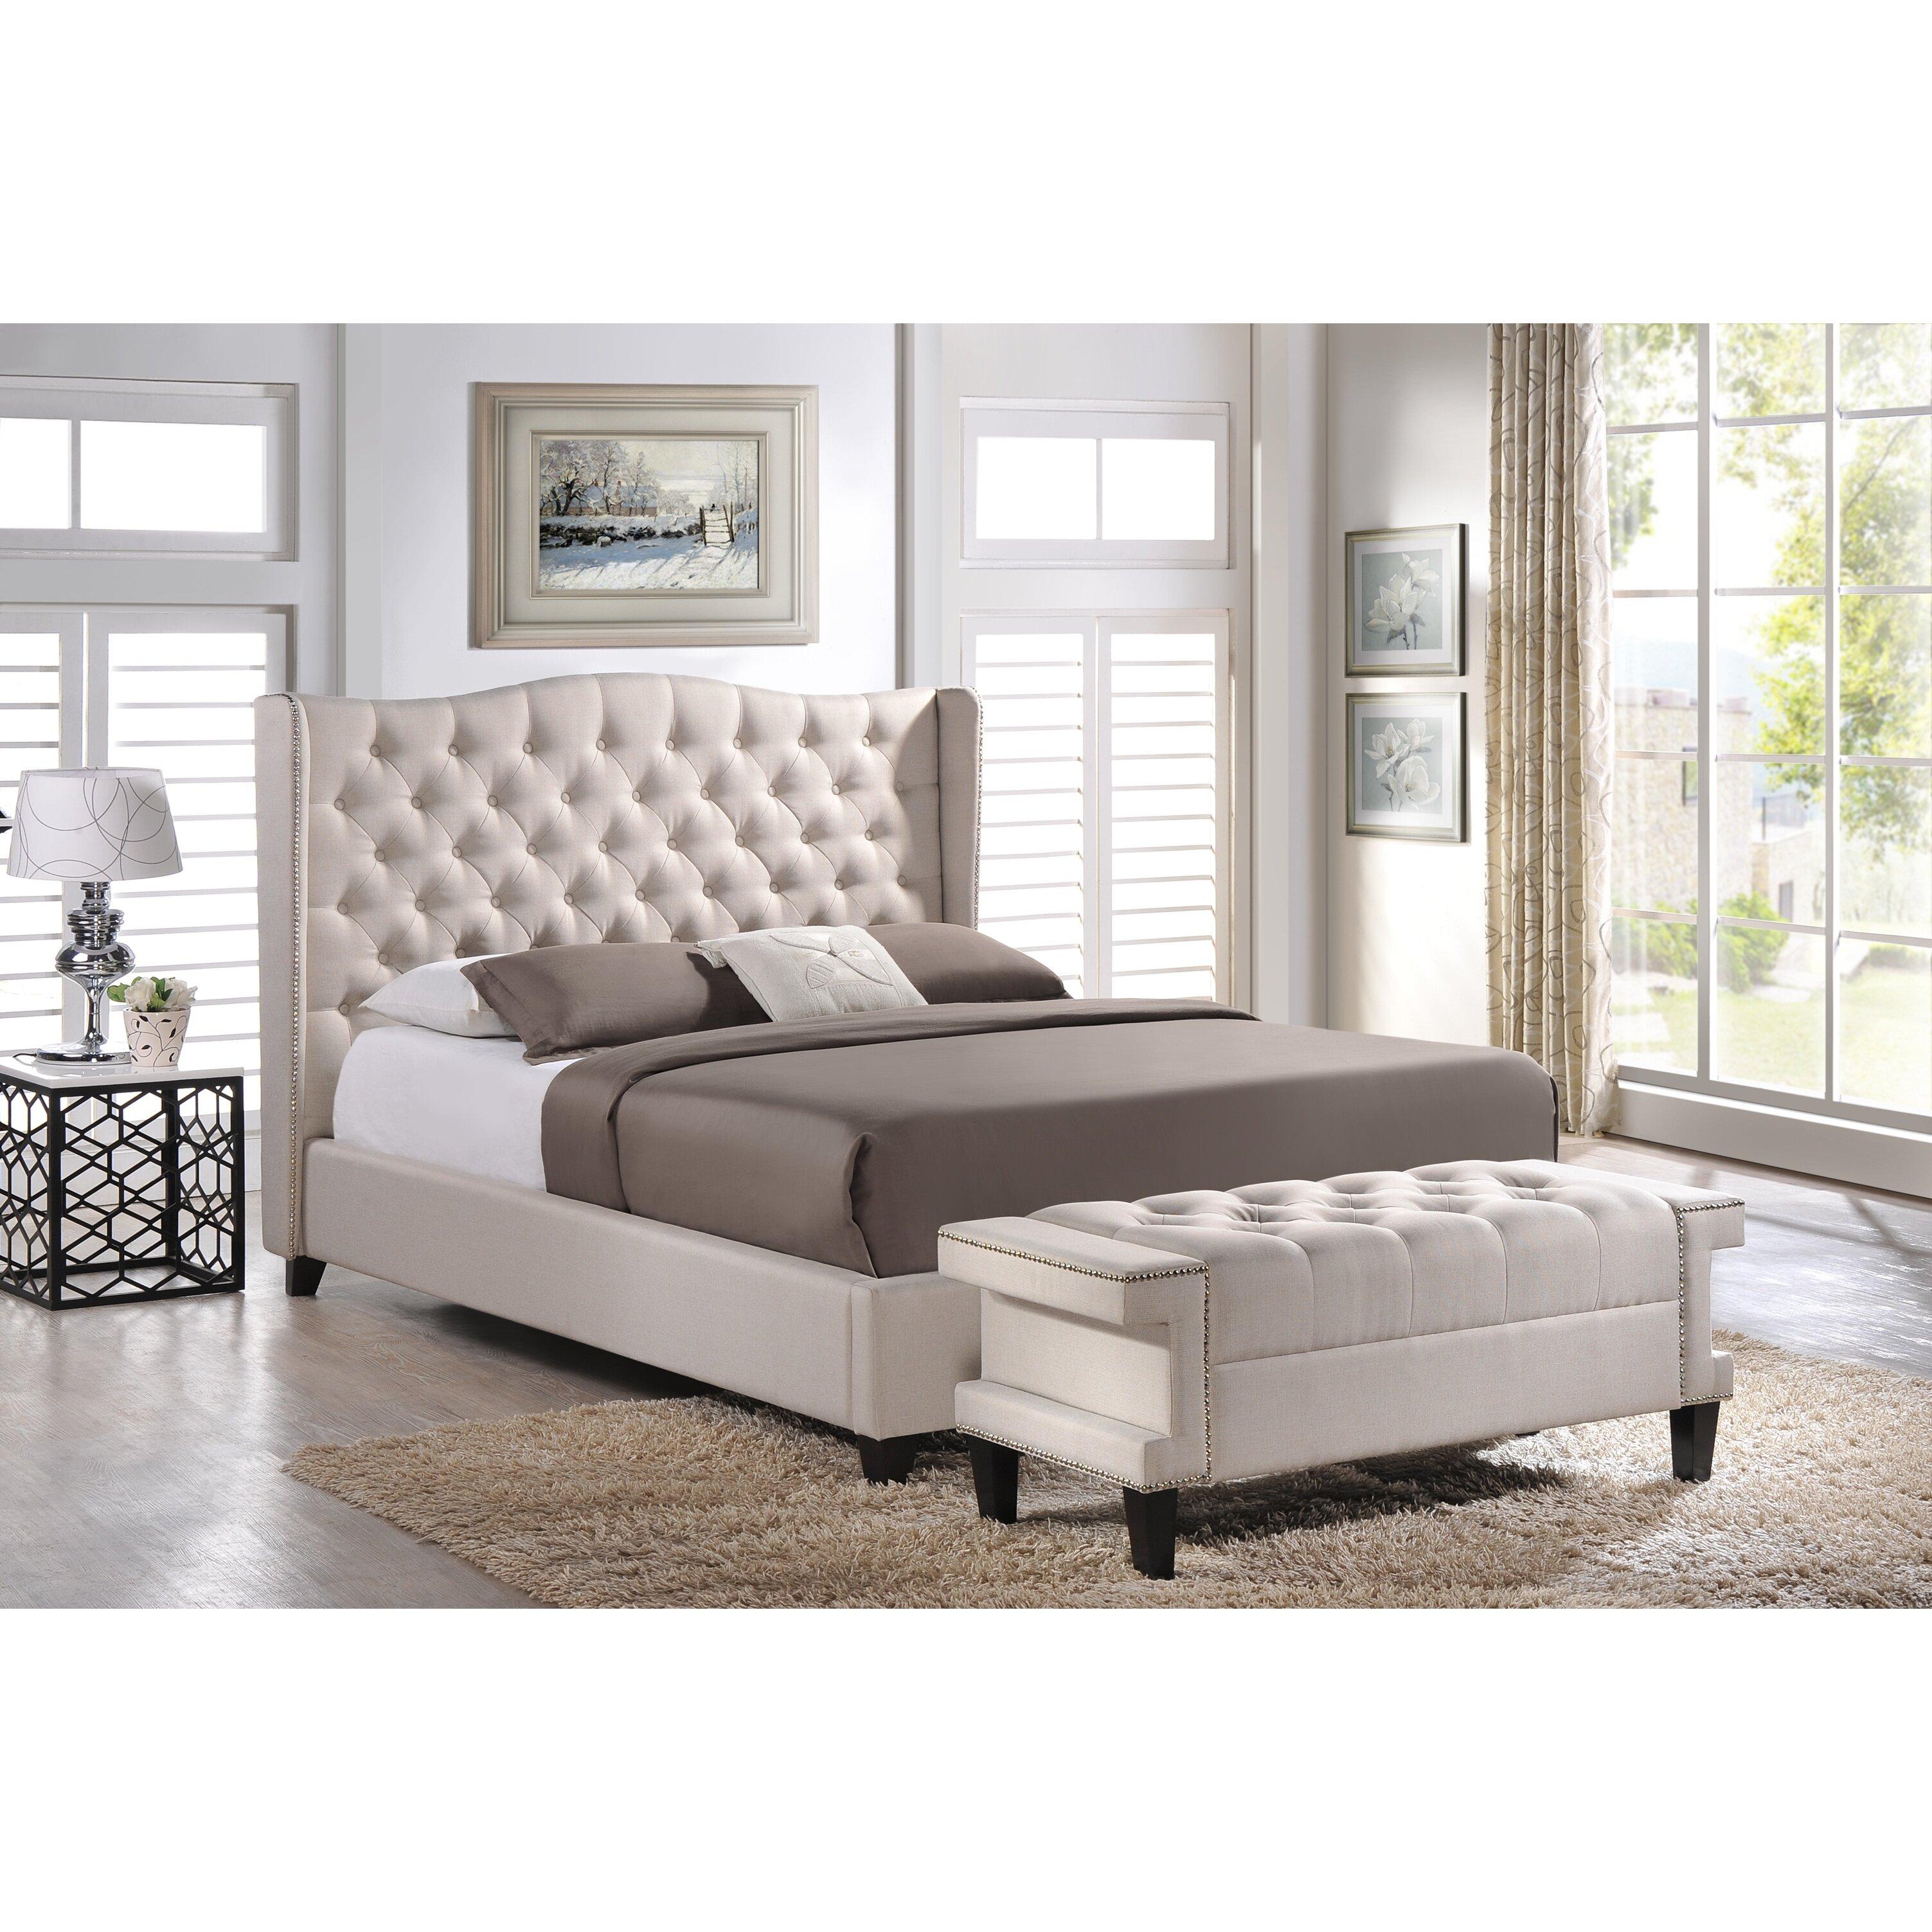 Wholesale interiors baxton studio upholstered platform bed - Wholesale bedroom furniture sets ...